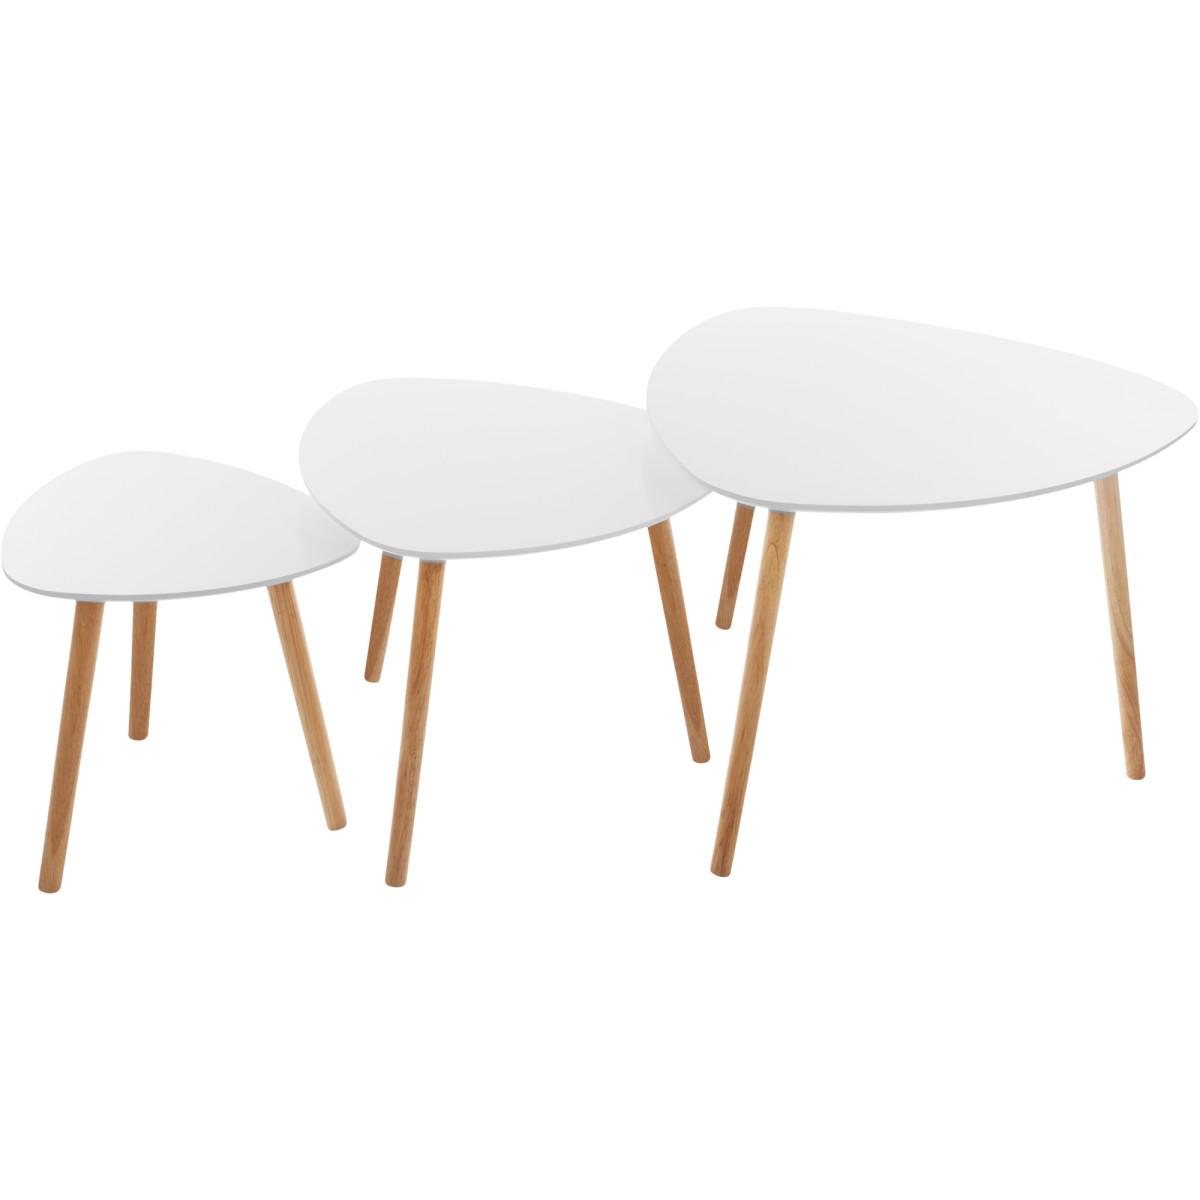 Набор столиков Mileo цвет белый 3 шт.